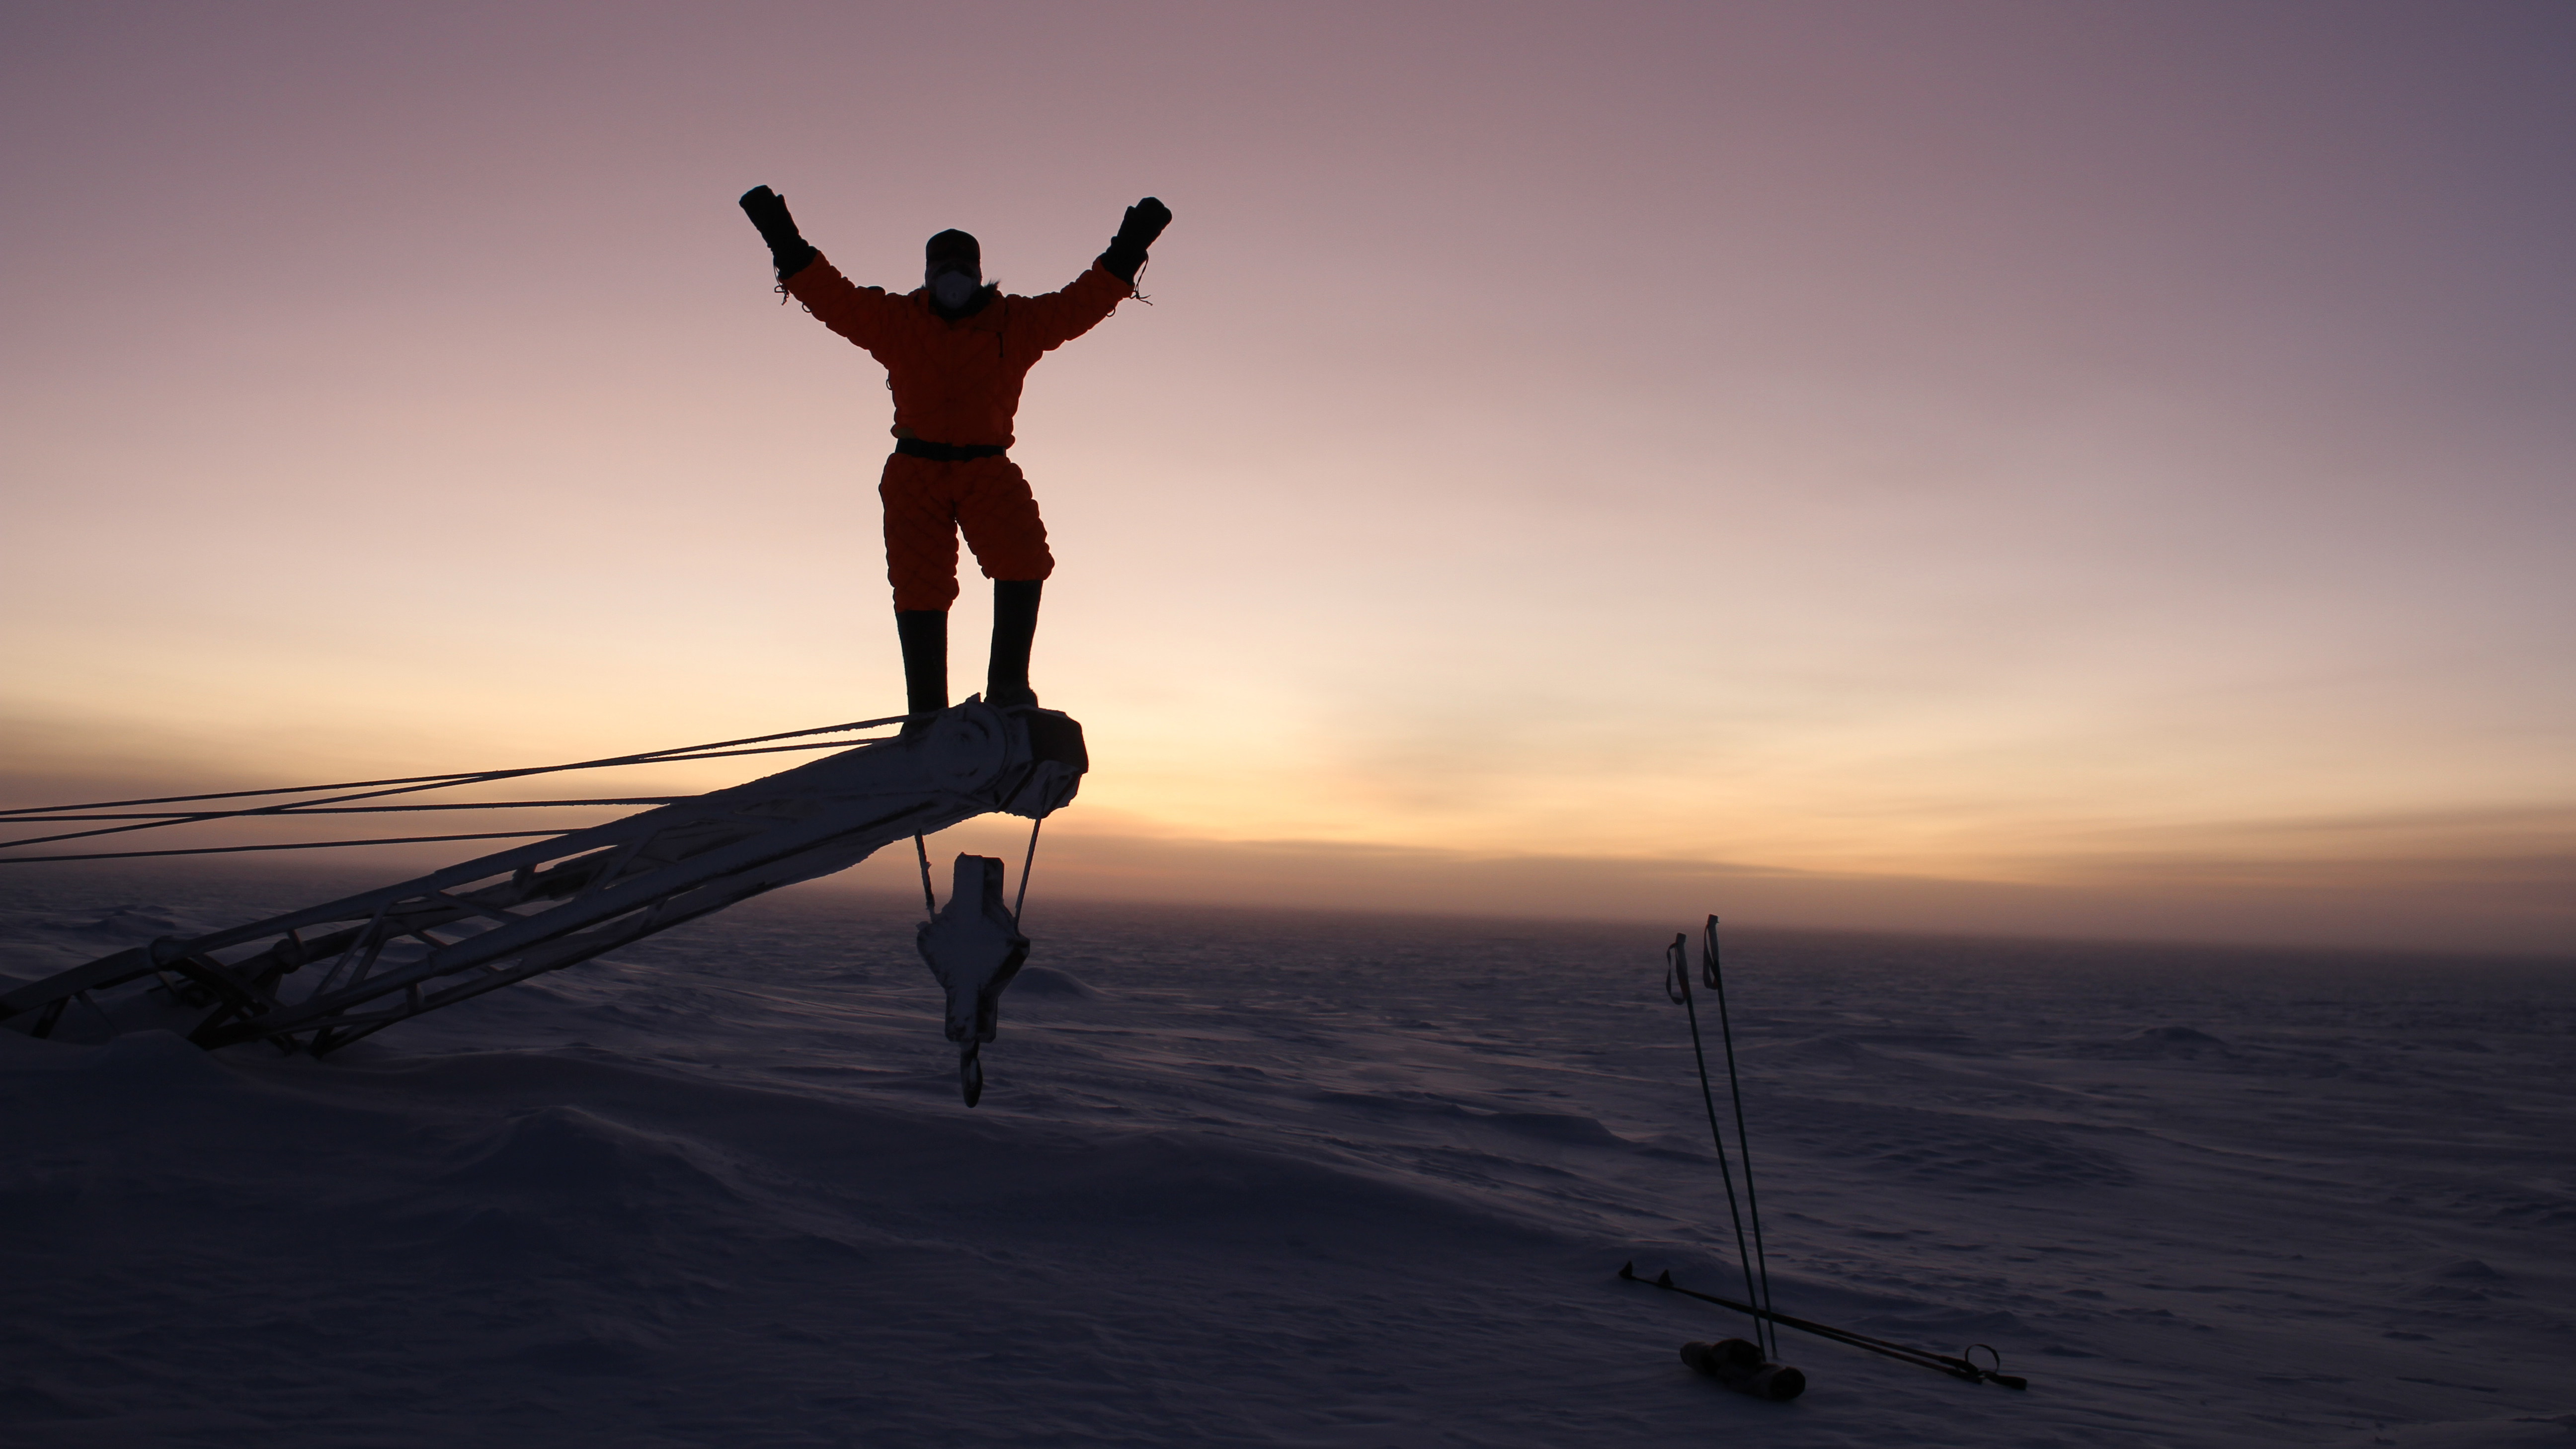 La antigua estación de investigación de la Unión Soviética ubicada en la Antártida Oriental, es el lugar más frío de la Tierra. Vostok registró una temperatura de menos 128.6°F (menos 89.2°C) el 21 de julio de 1983, según la Organización Meteorológica Mundial (OMM), la temperatura más fría jamás registrada por una estación meteorológica